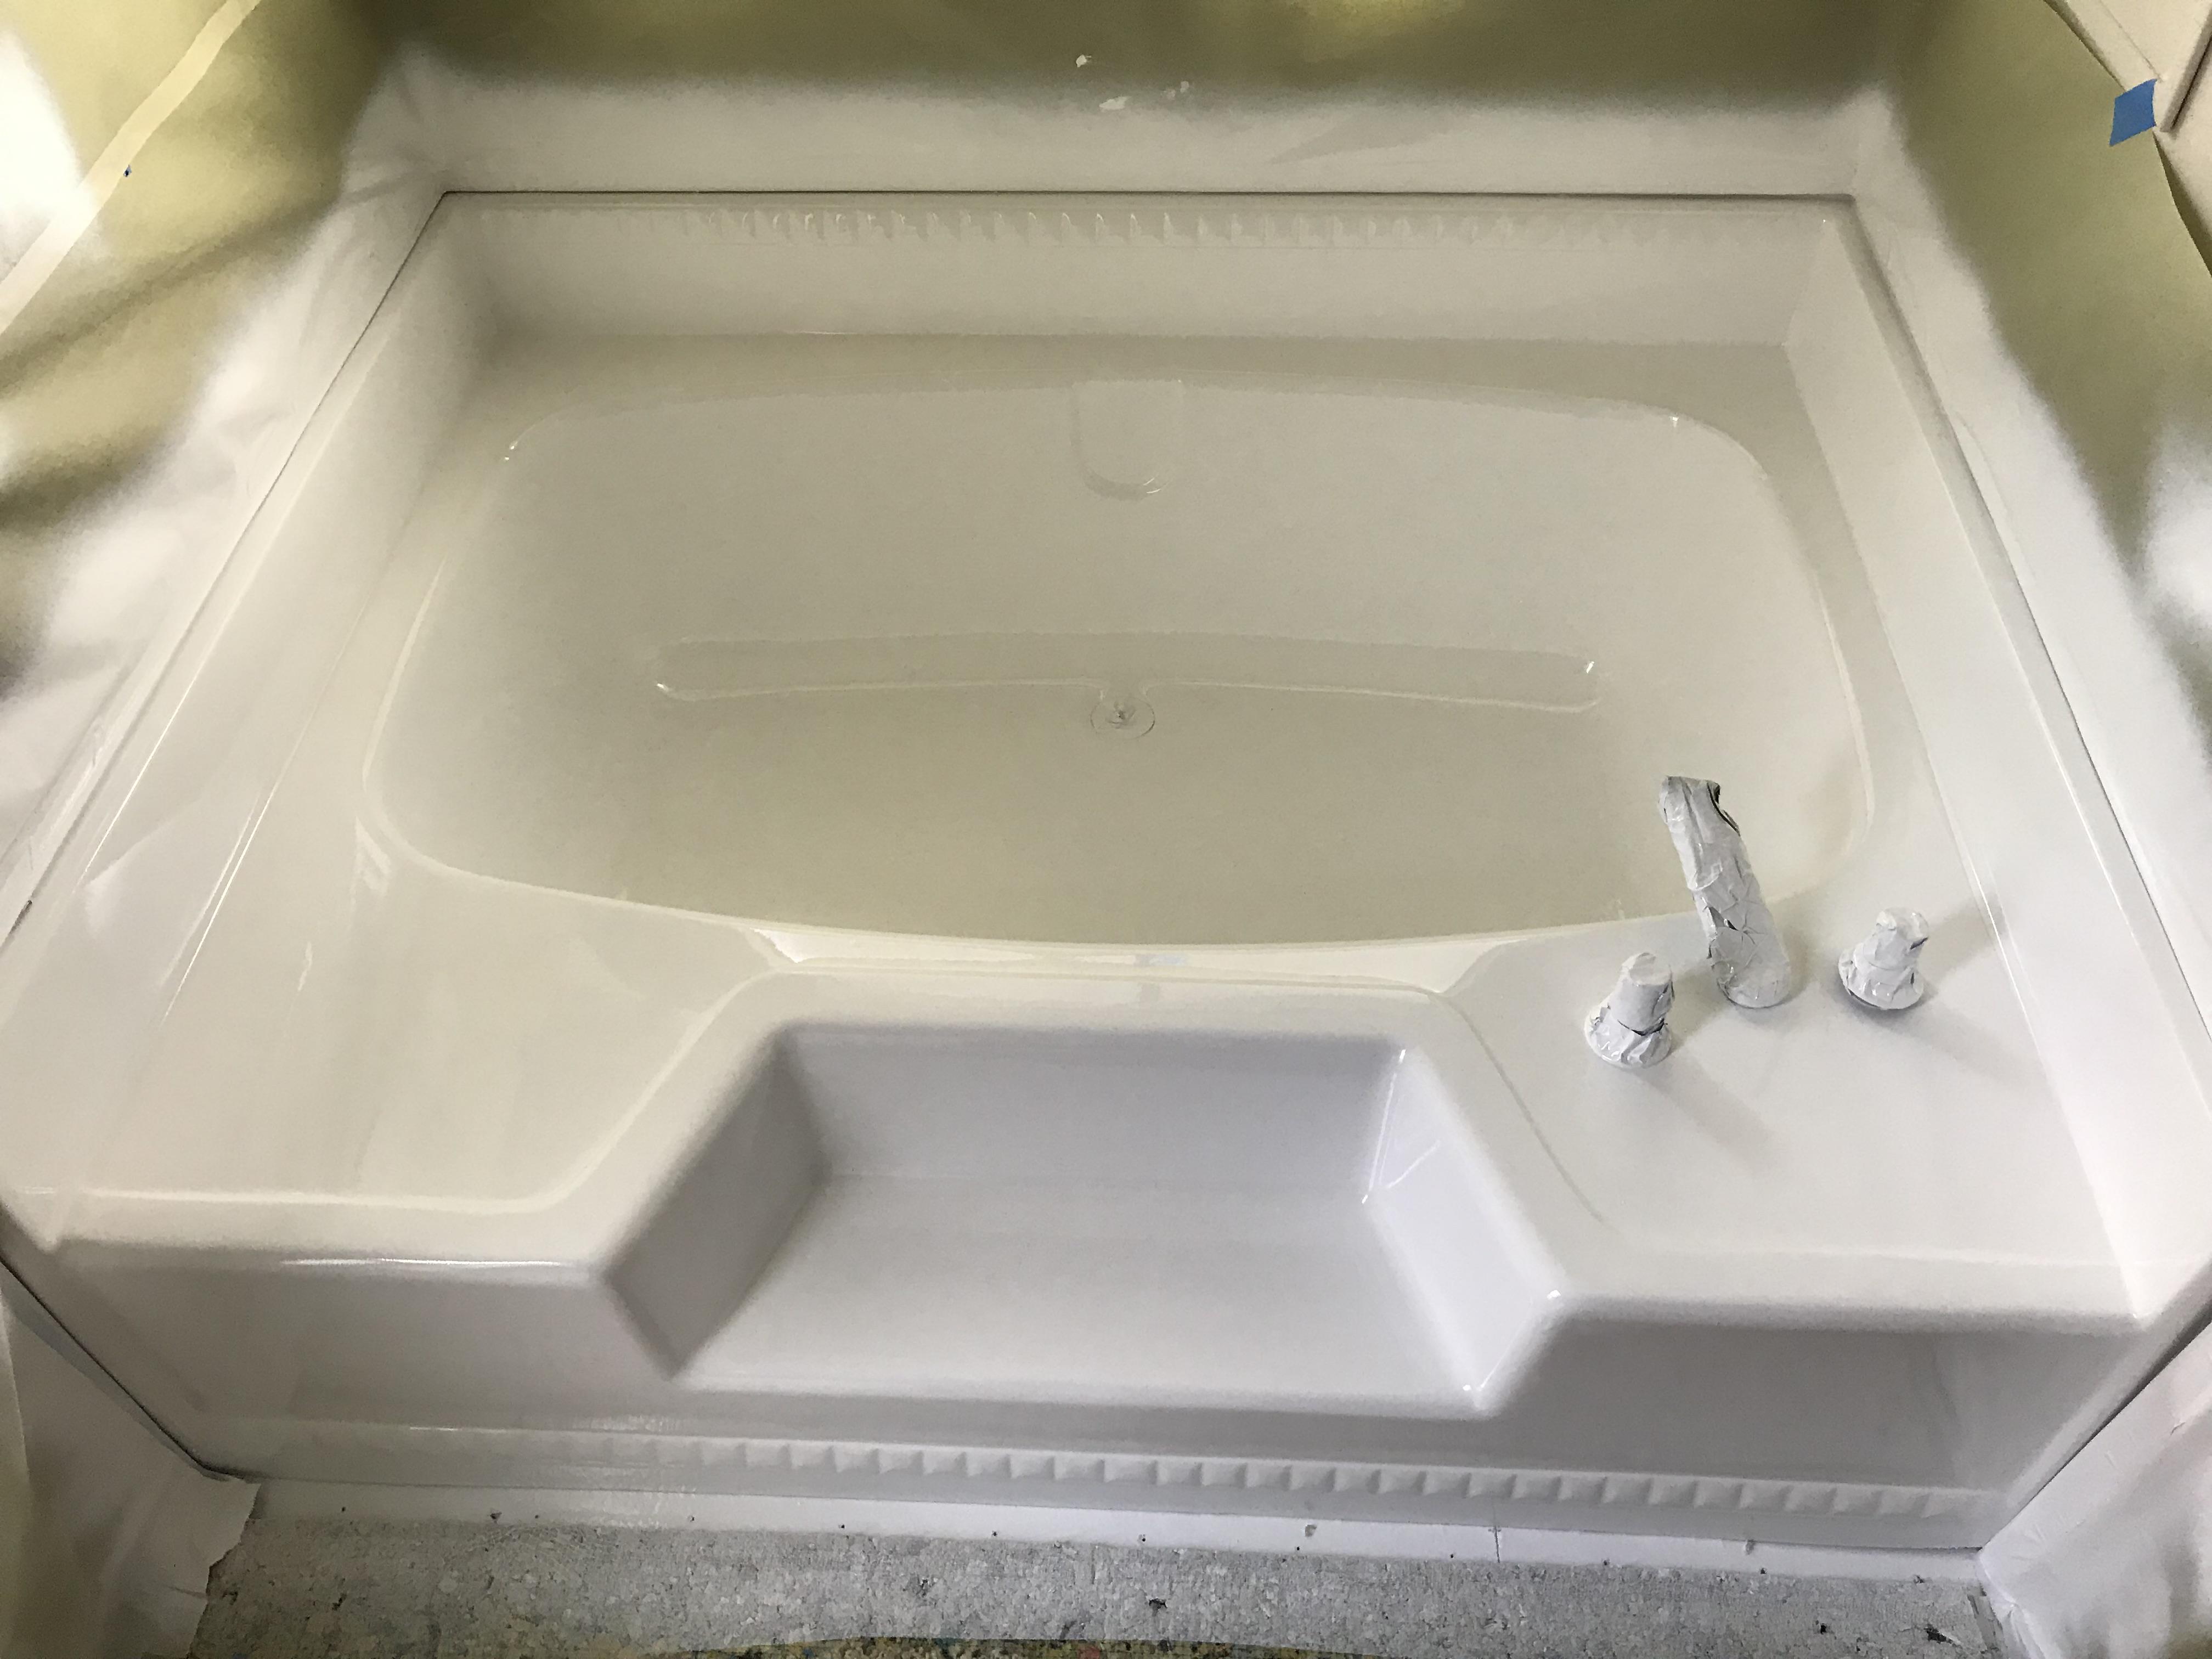 Large Sauna Tub Refinishing After Work - NuFinishPro